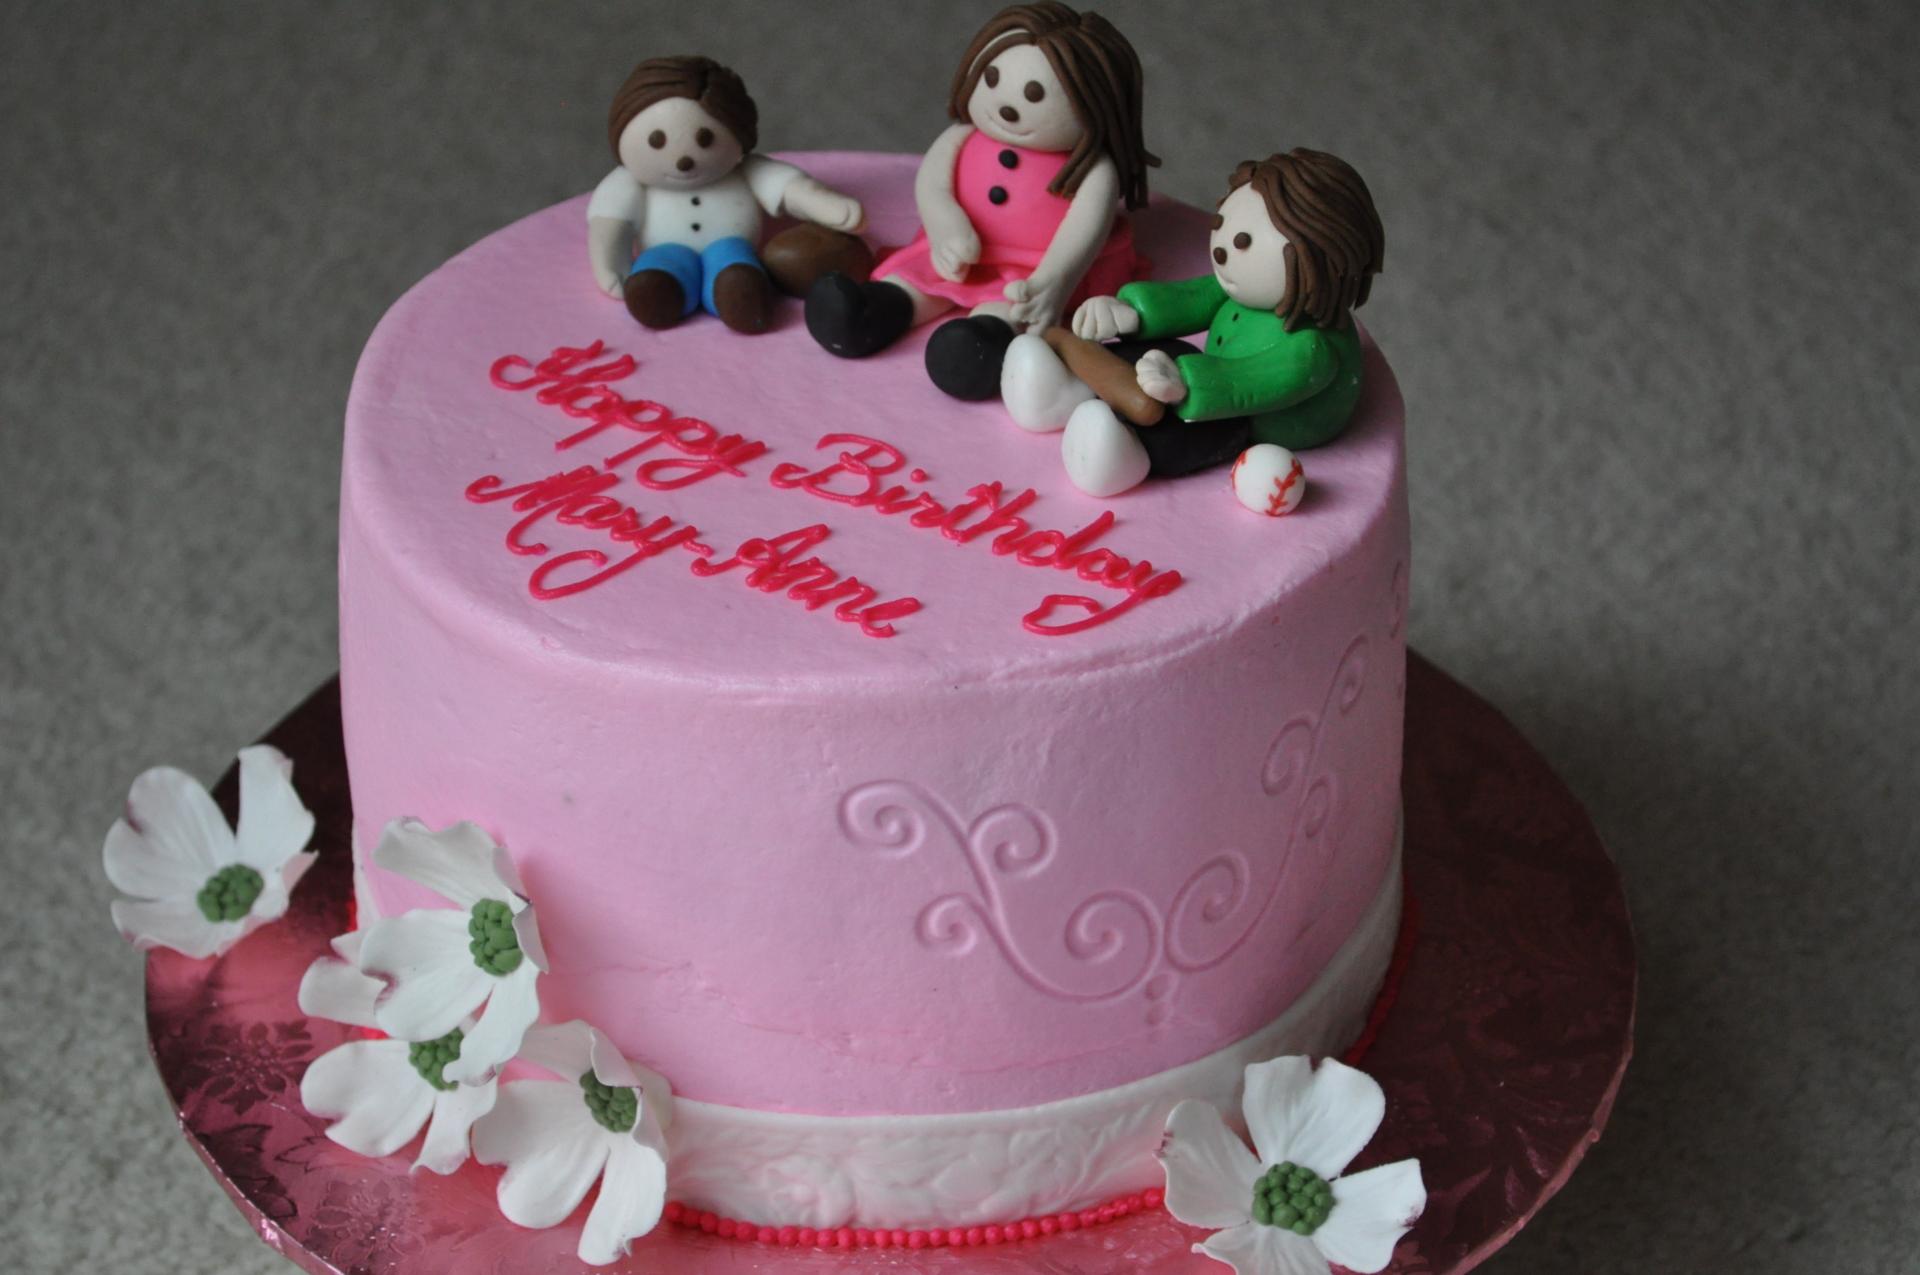 From Grandkids - birthday cake